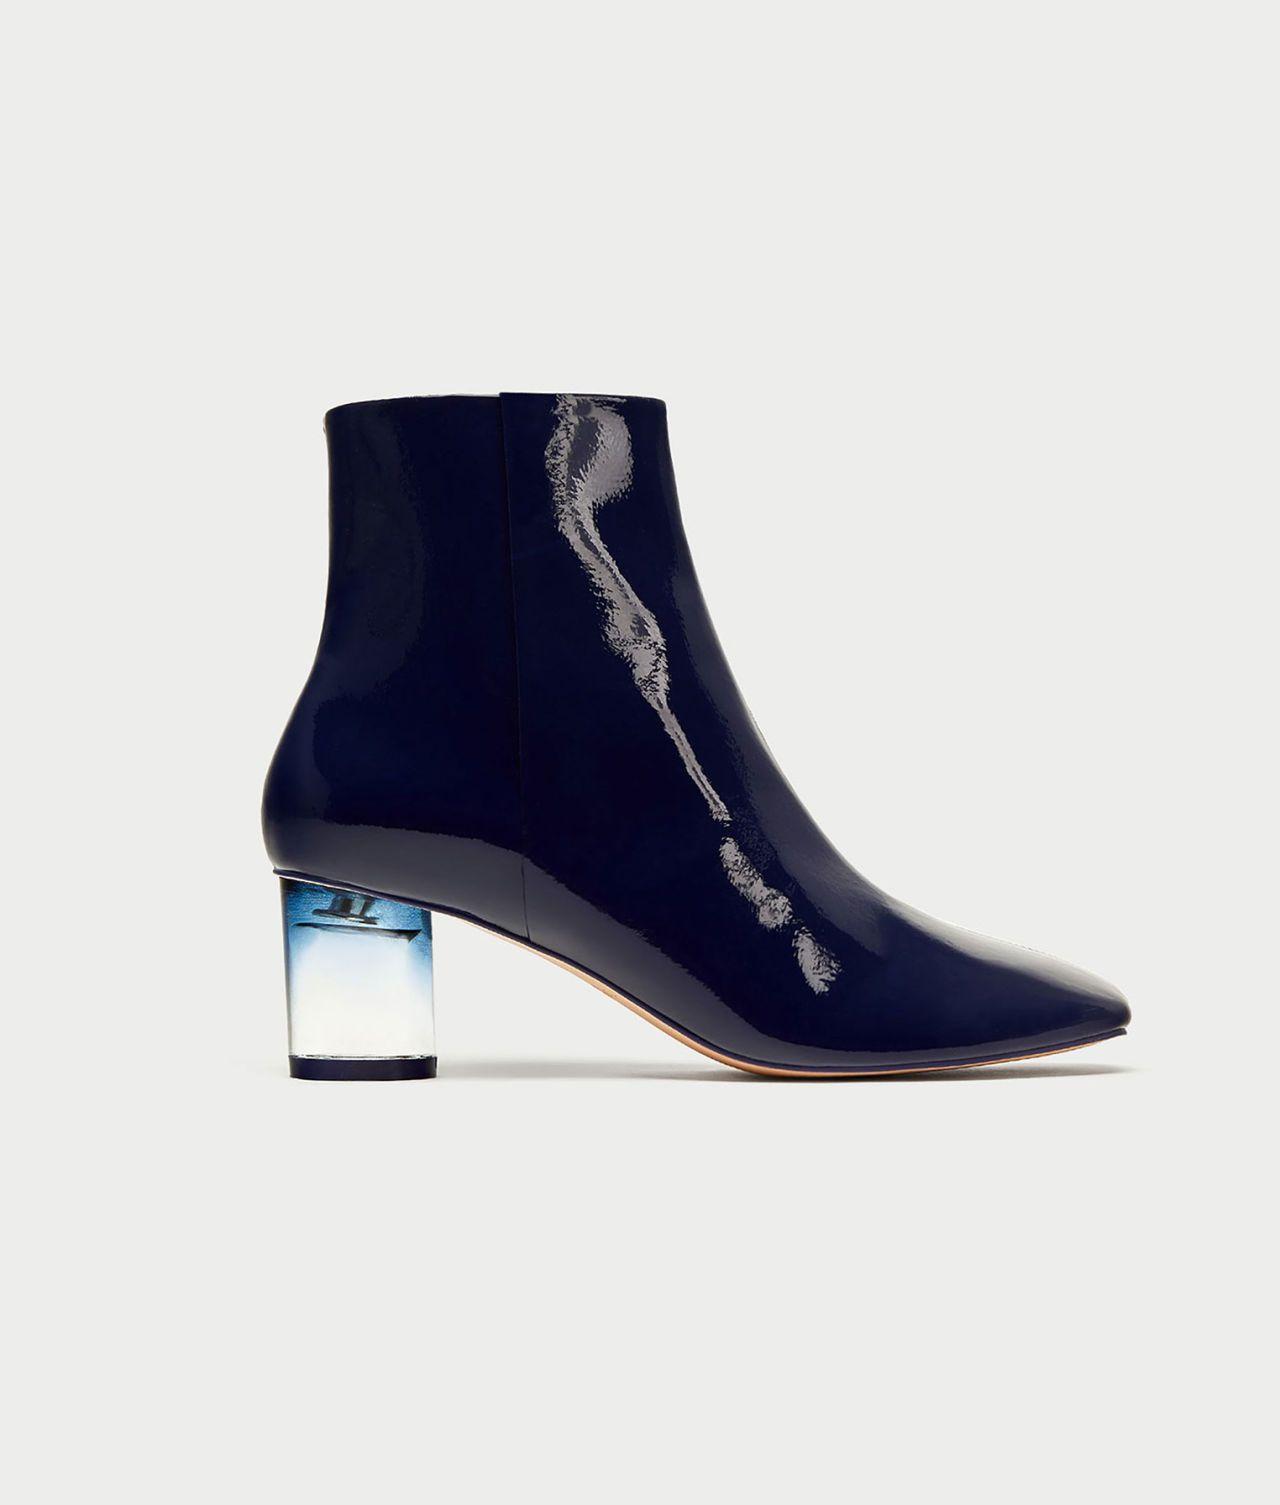 Gli stivaletti low cost di Zara per l'inverno 2018 in 5